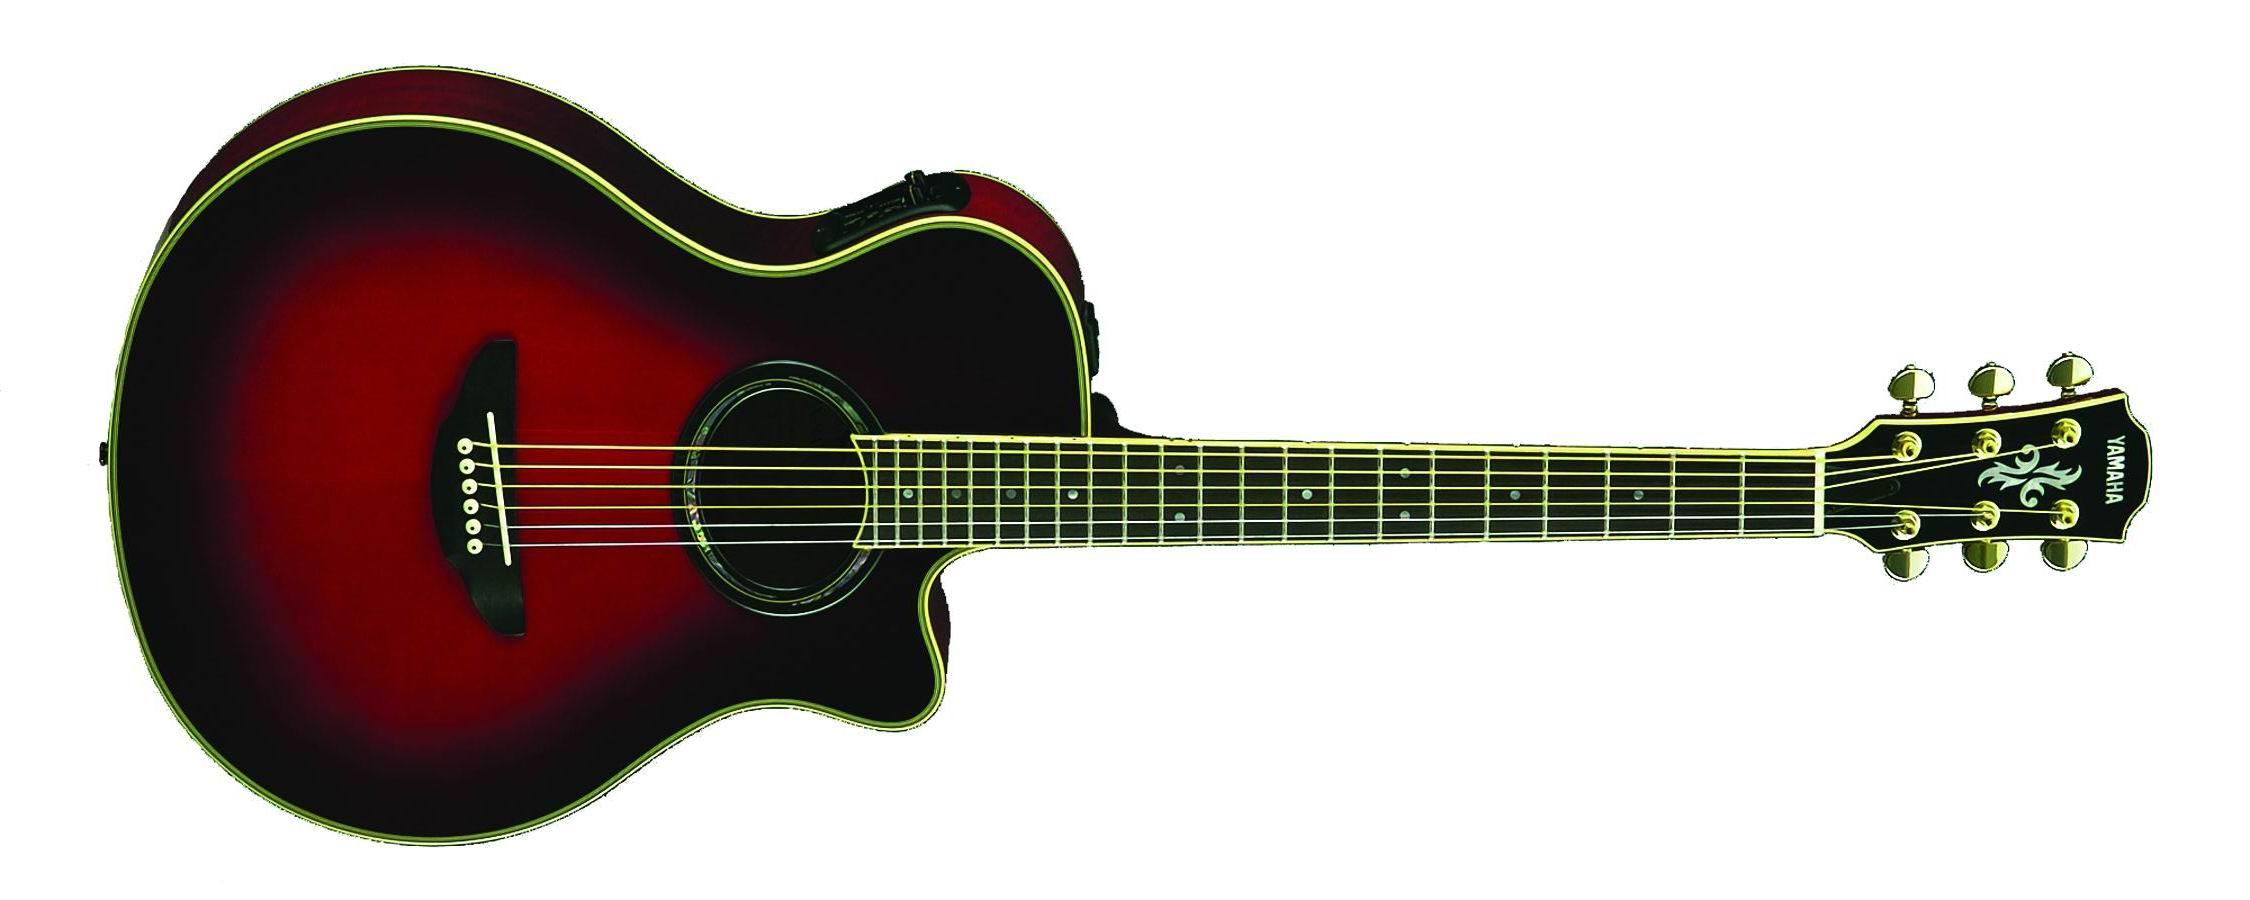 Yamaha Apx 9c Guitar Review Guitar Jar